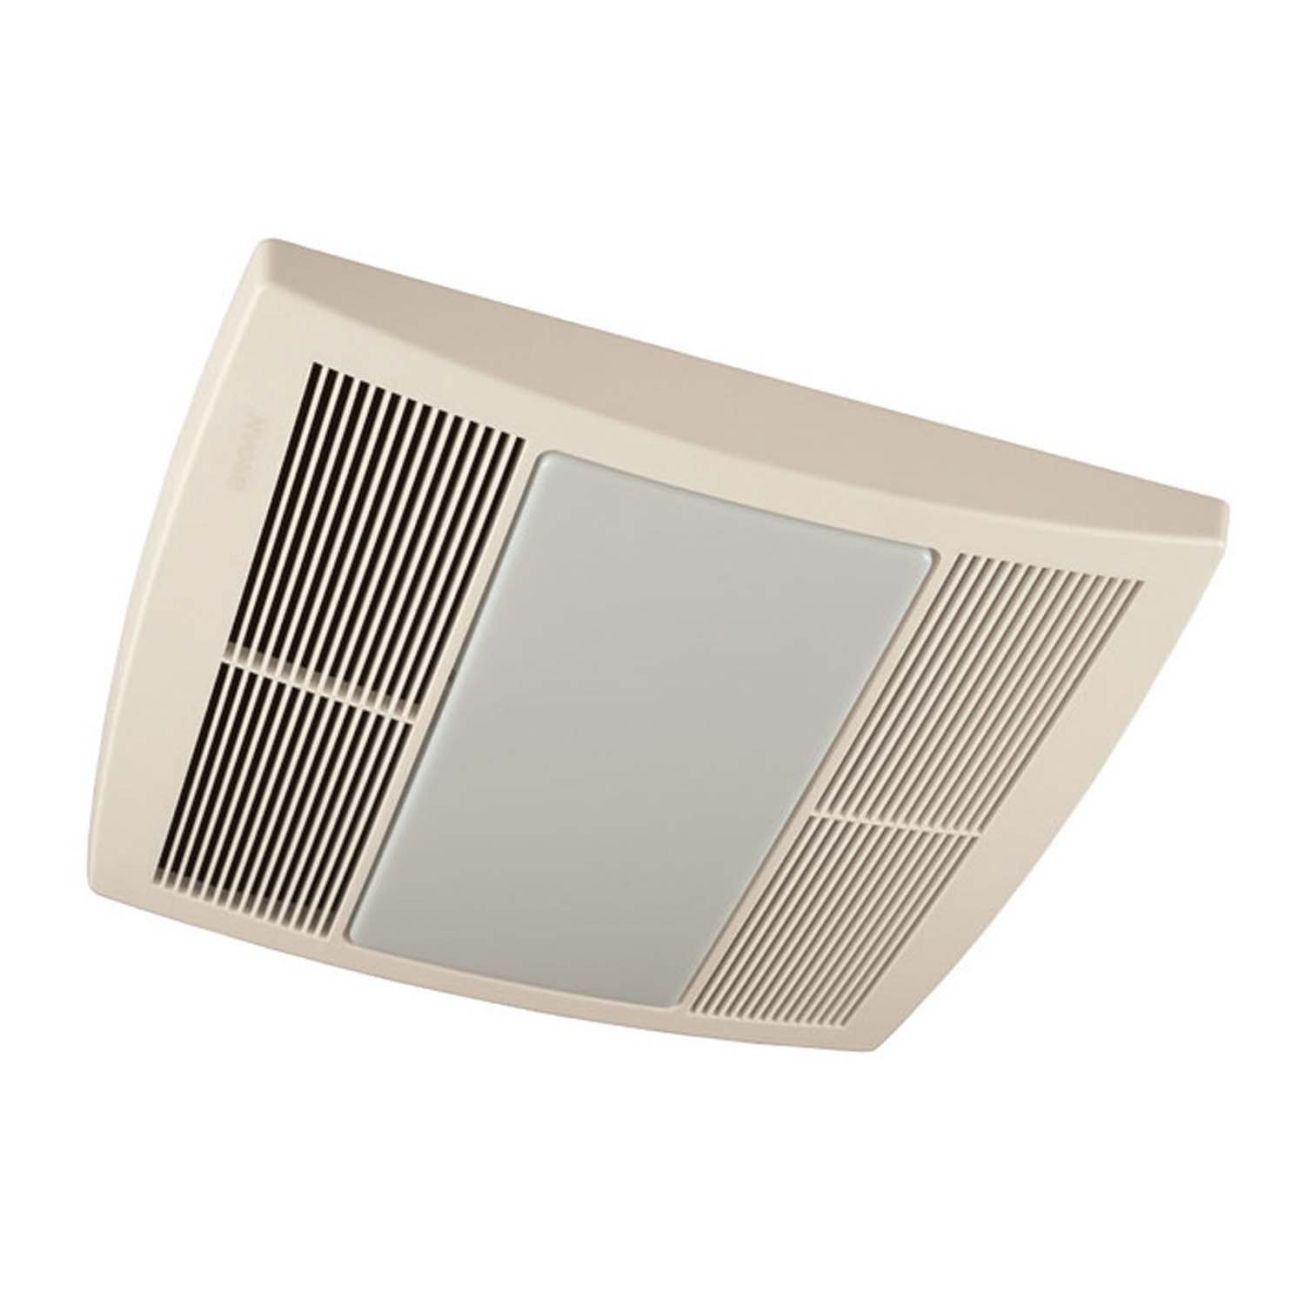 Broan Bathroom Fan Timer Switch